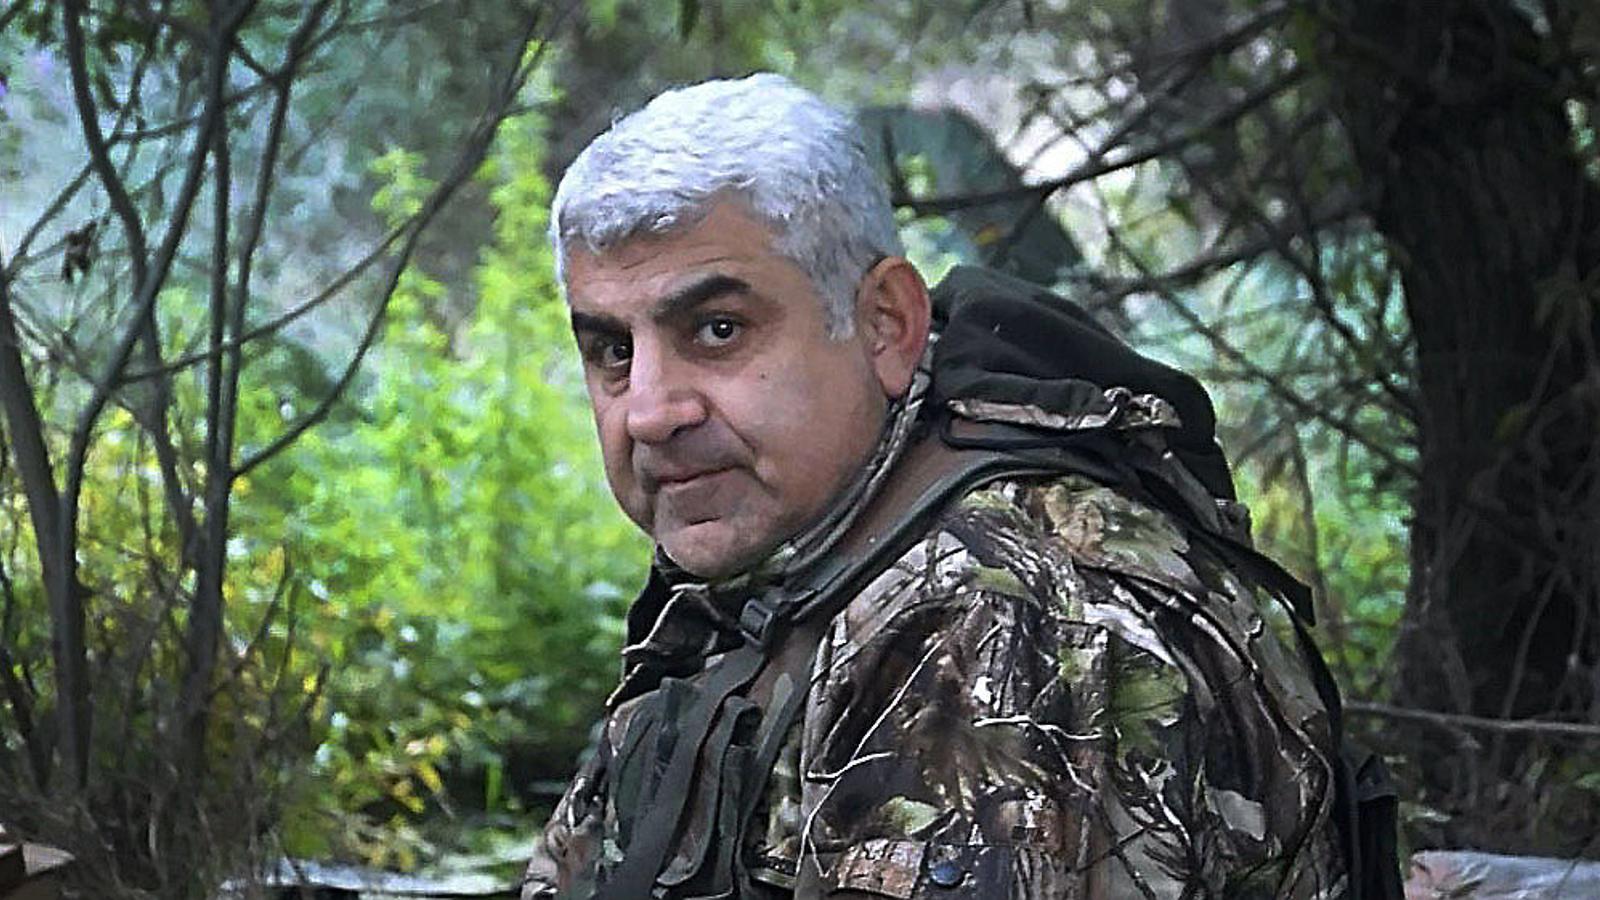 Armen Knyazyan pocs dies abans de morir  per l'impacte d'un projectil al cotxe amb què circulava per la República d'Artsakh.